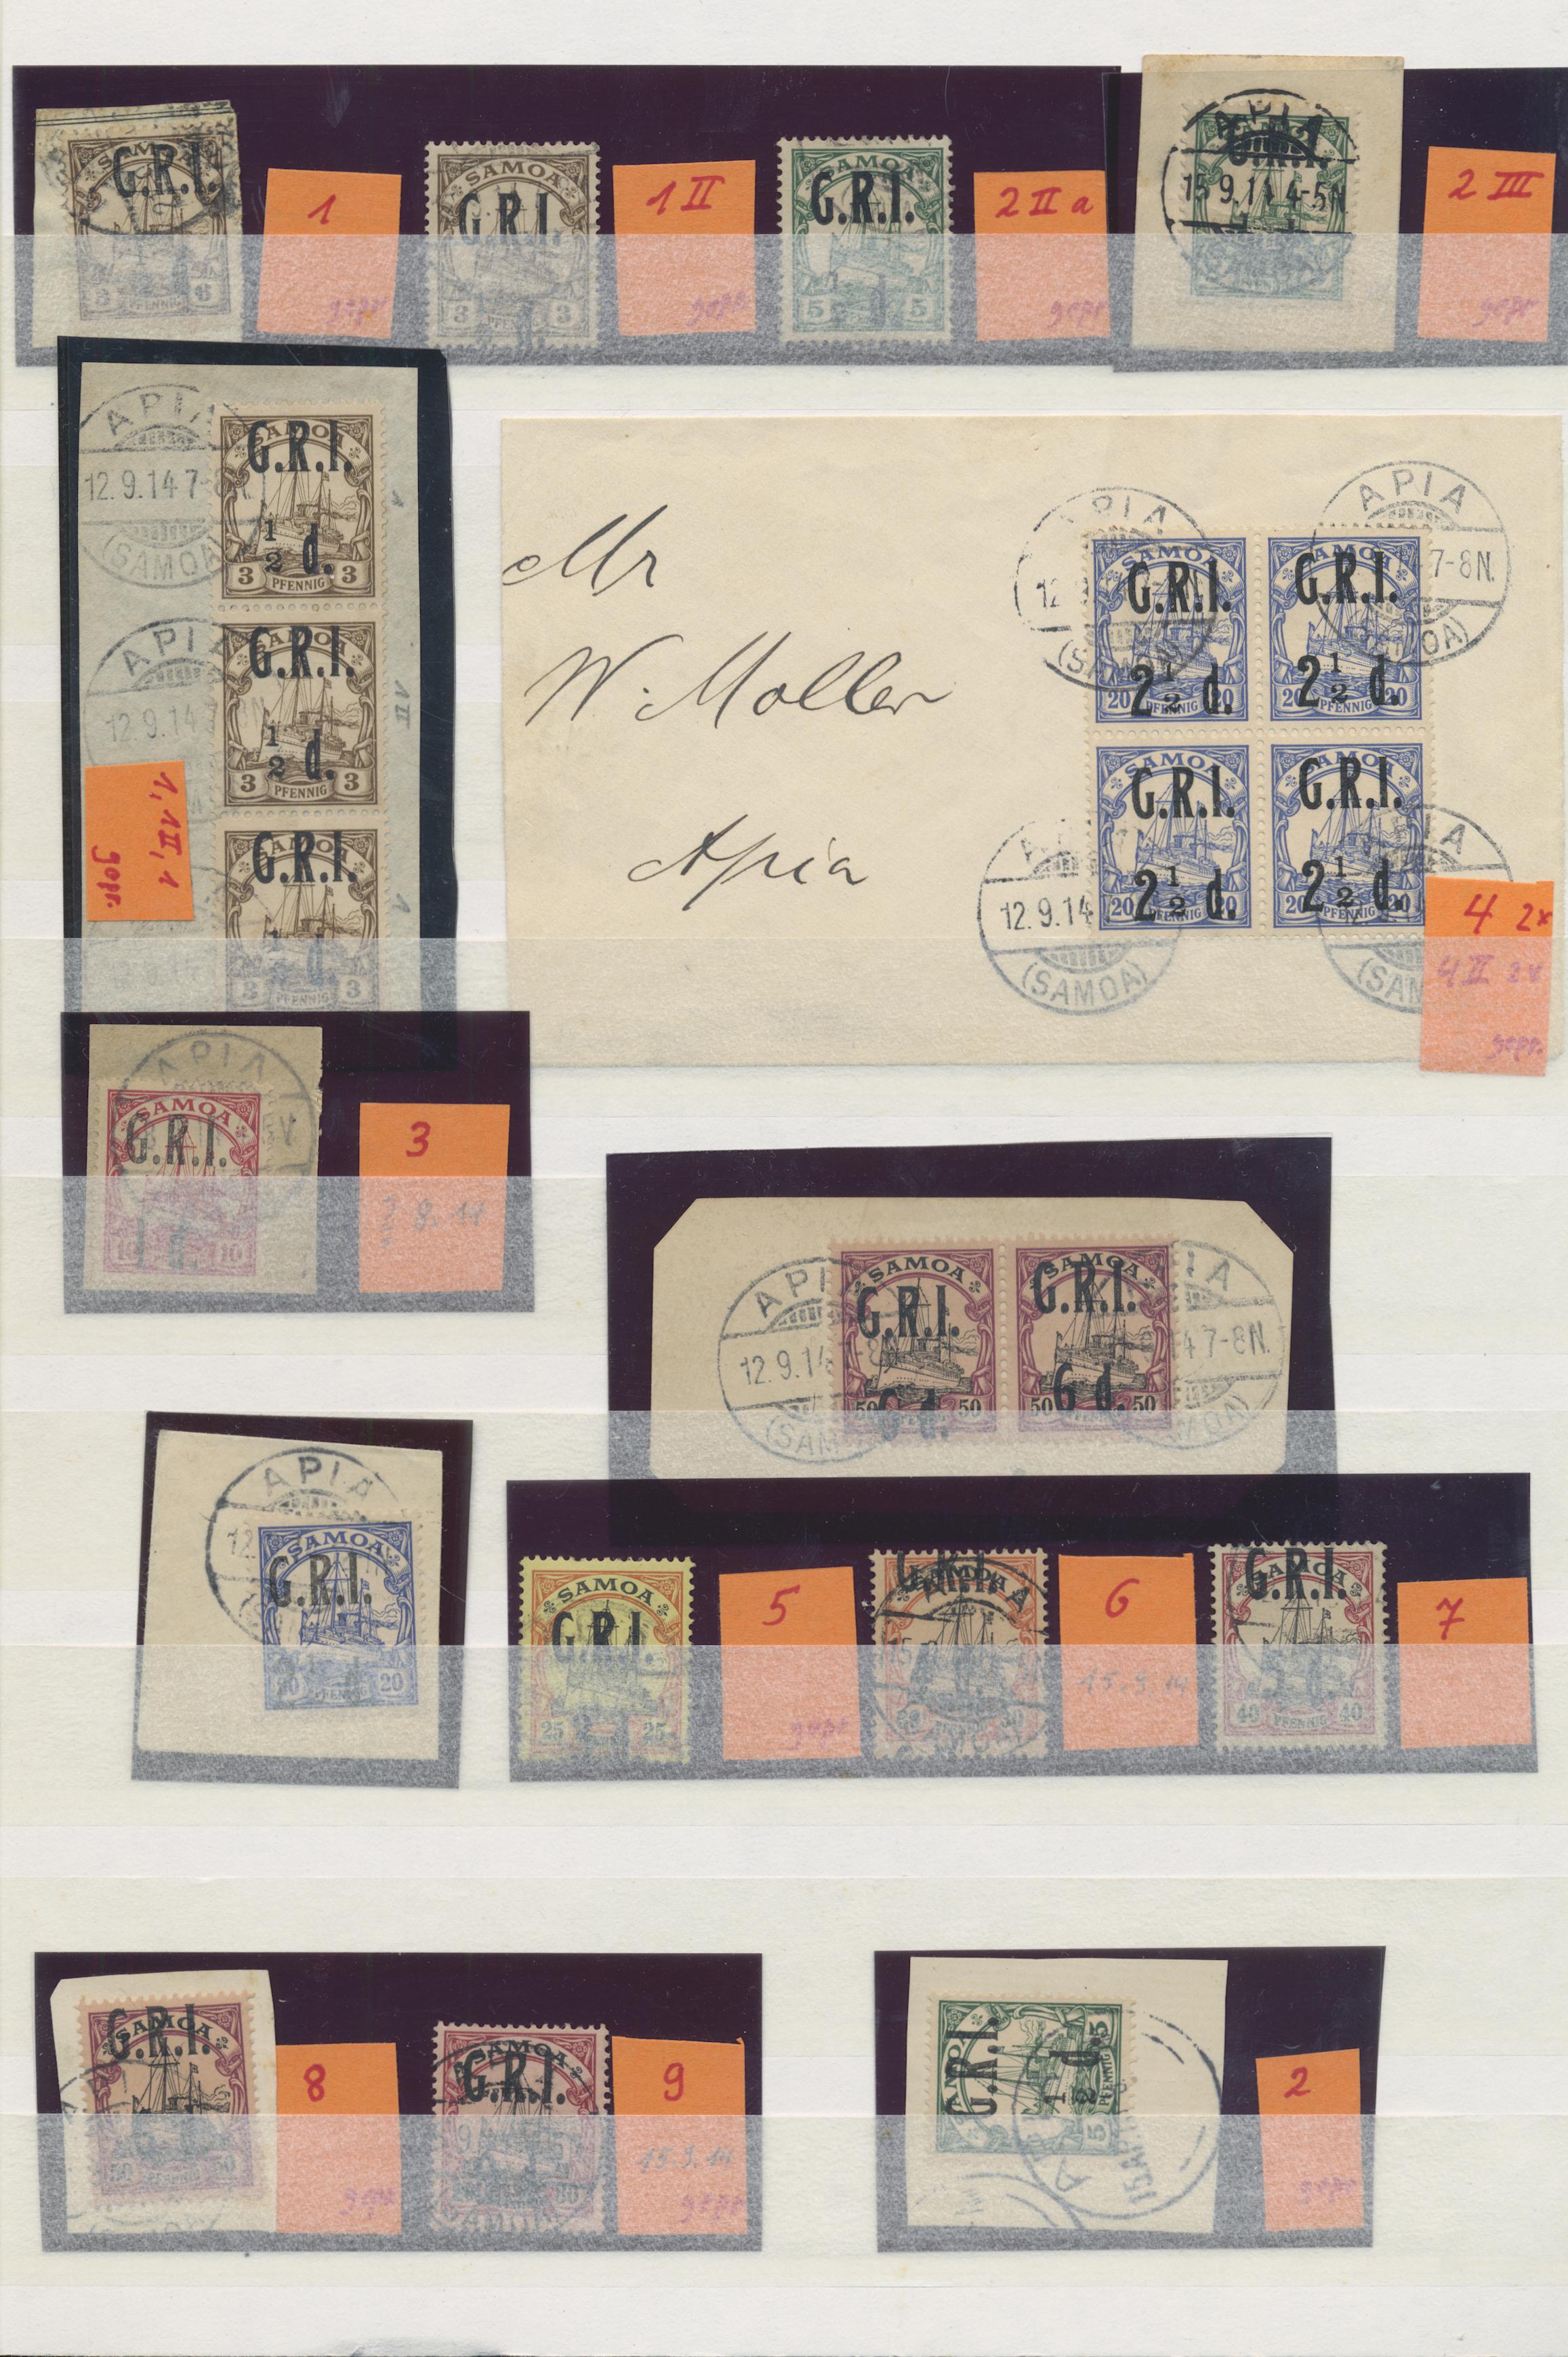 Lot 23607 - Deutsche Kolonien - Samoa - Britische Besetzung  -  Auktionshaus Christoph Gärtner GmbH & Co. KG 50th Auction Anniversary Auction - Day 7